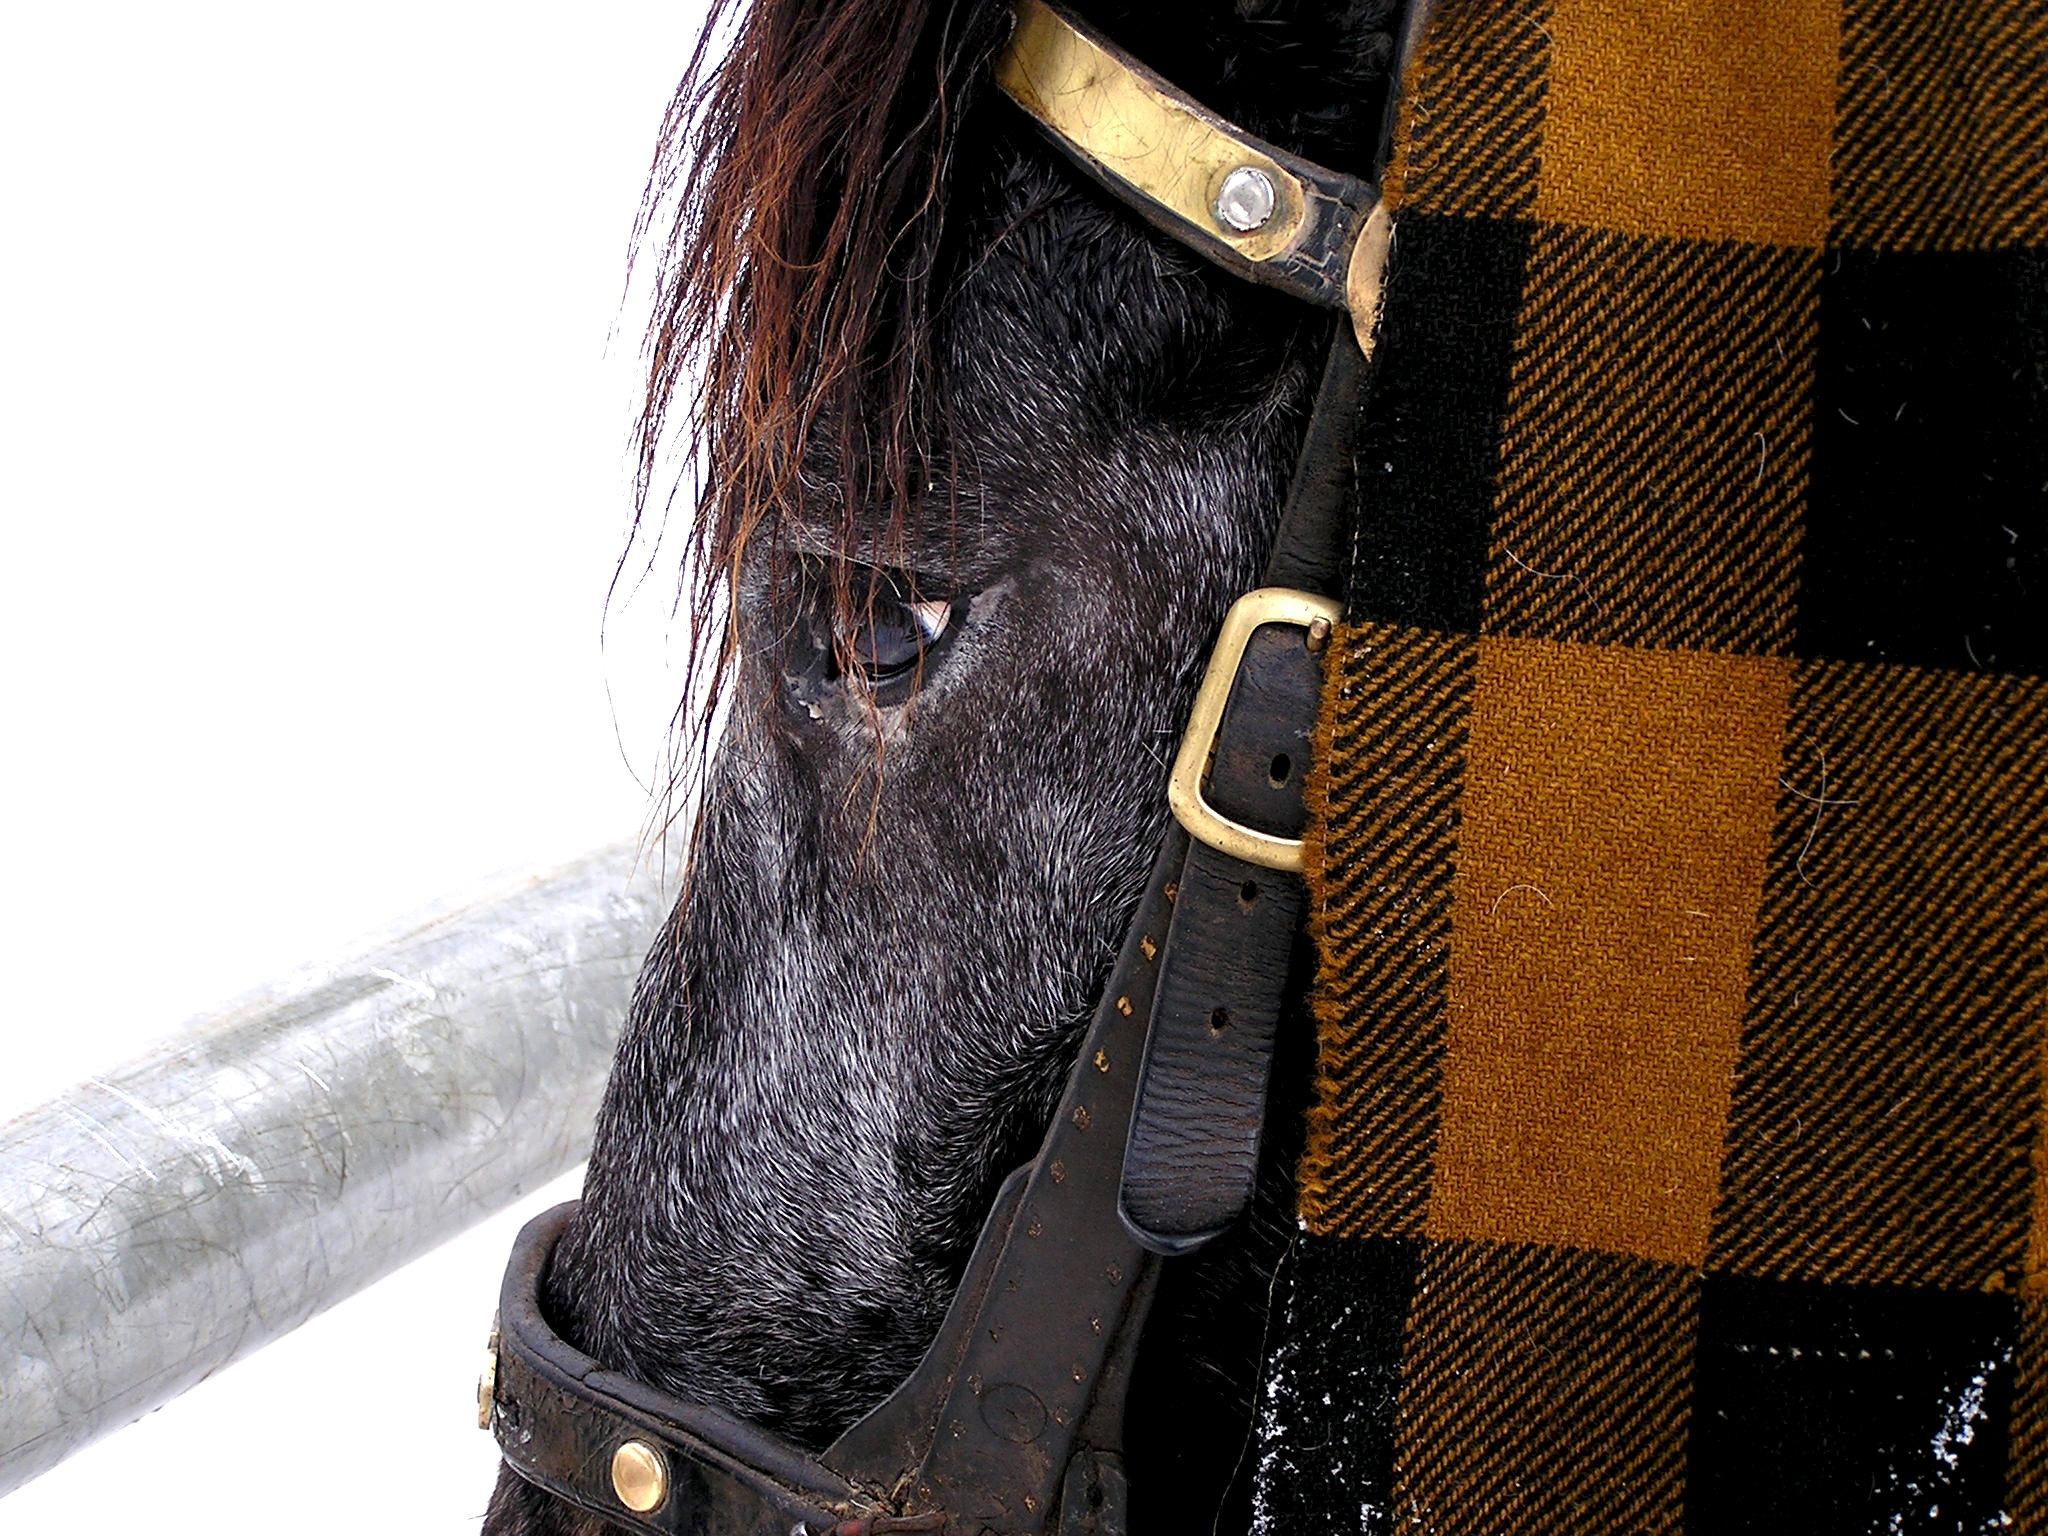 316fb1c9a2e sko læder dyr støvle mønster hest tøj sort jakke overtøj hovedtøj tekstil  design fodtøj hestehoved hest